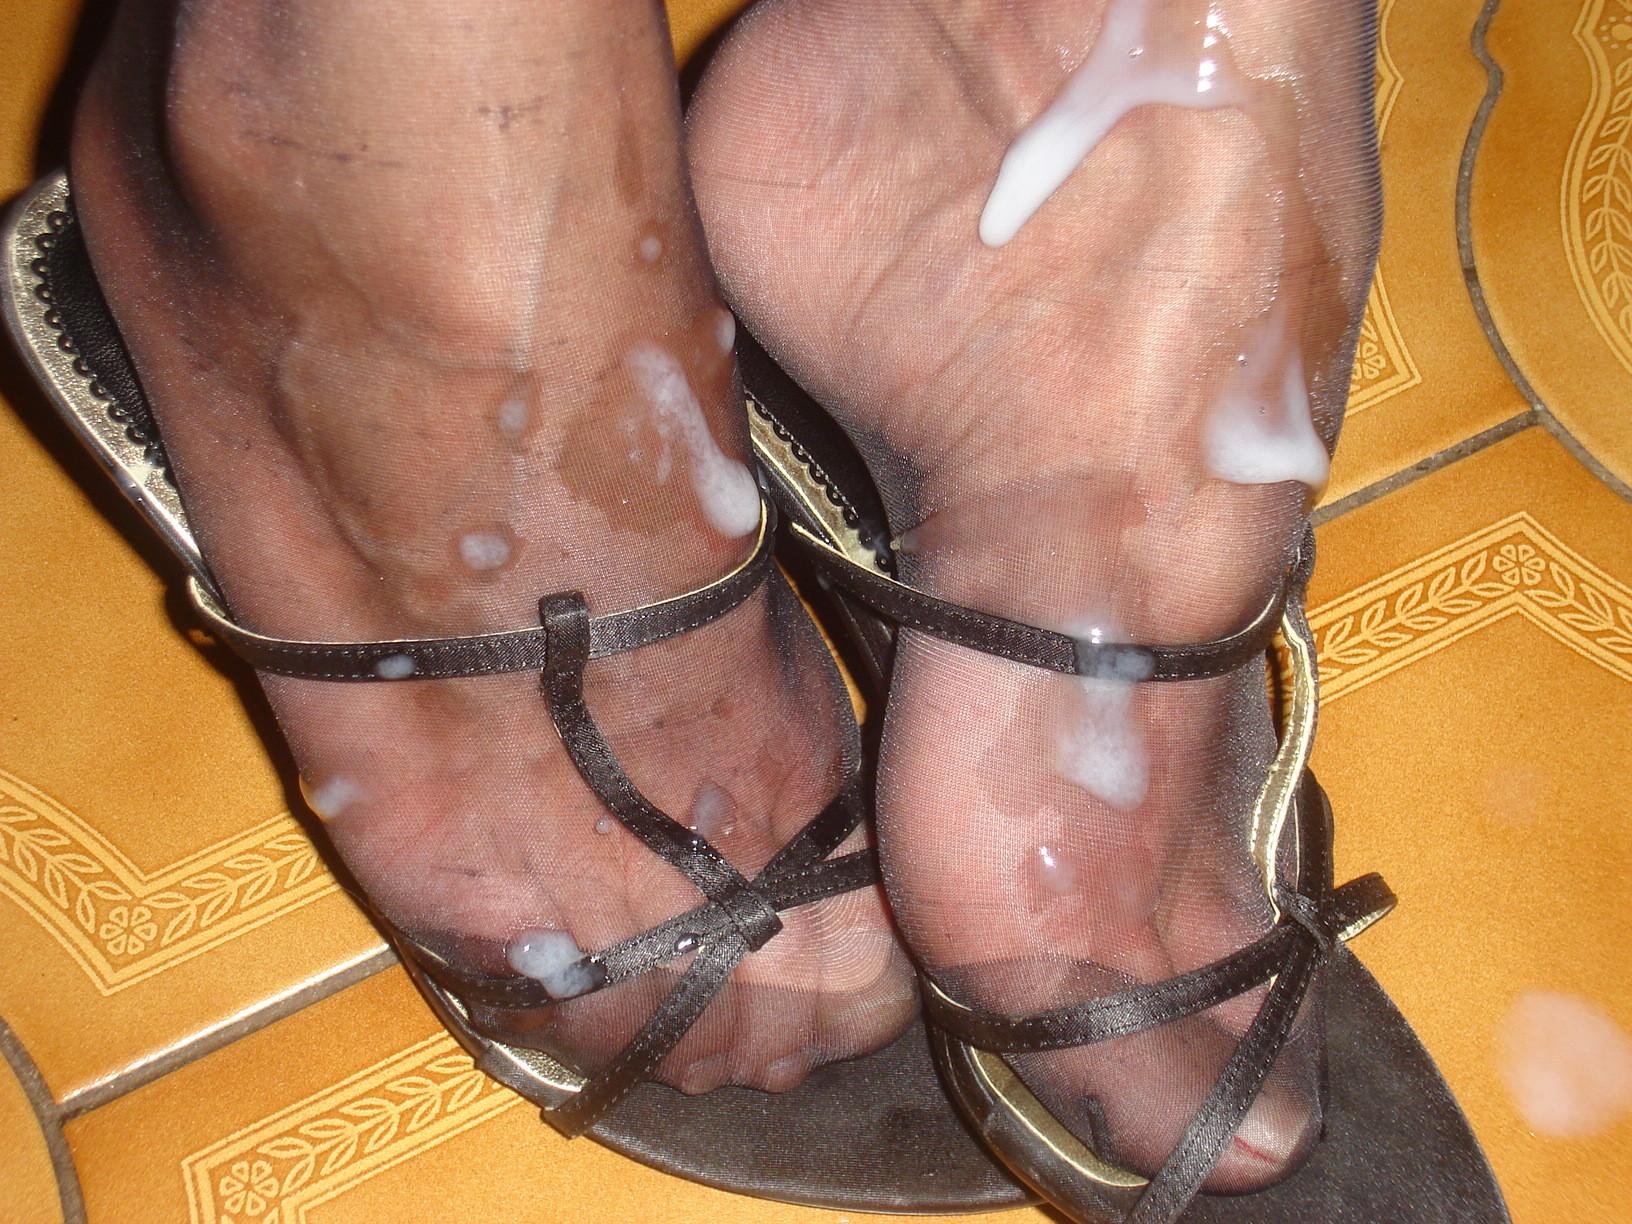 sperma-v-obuv